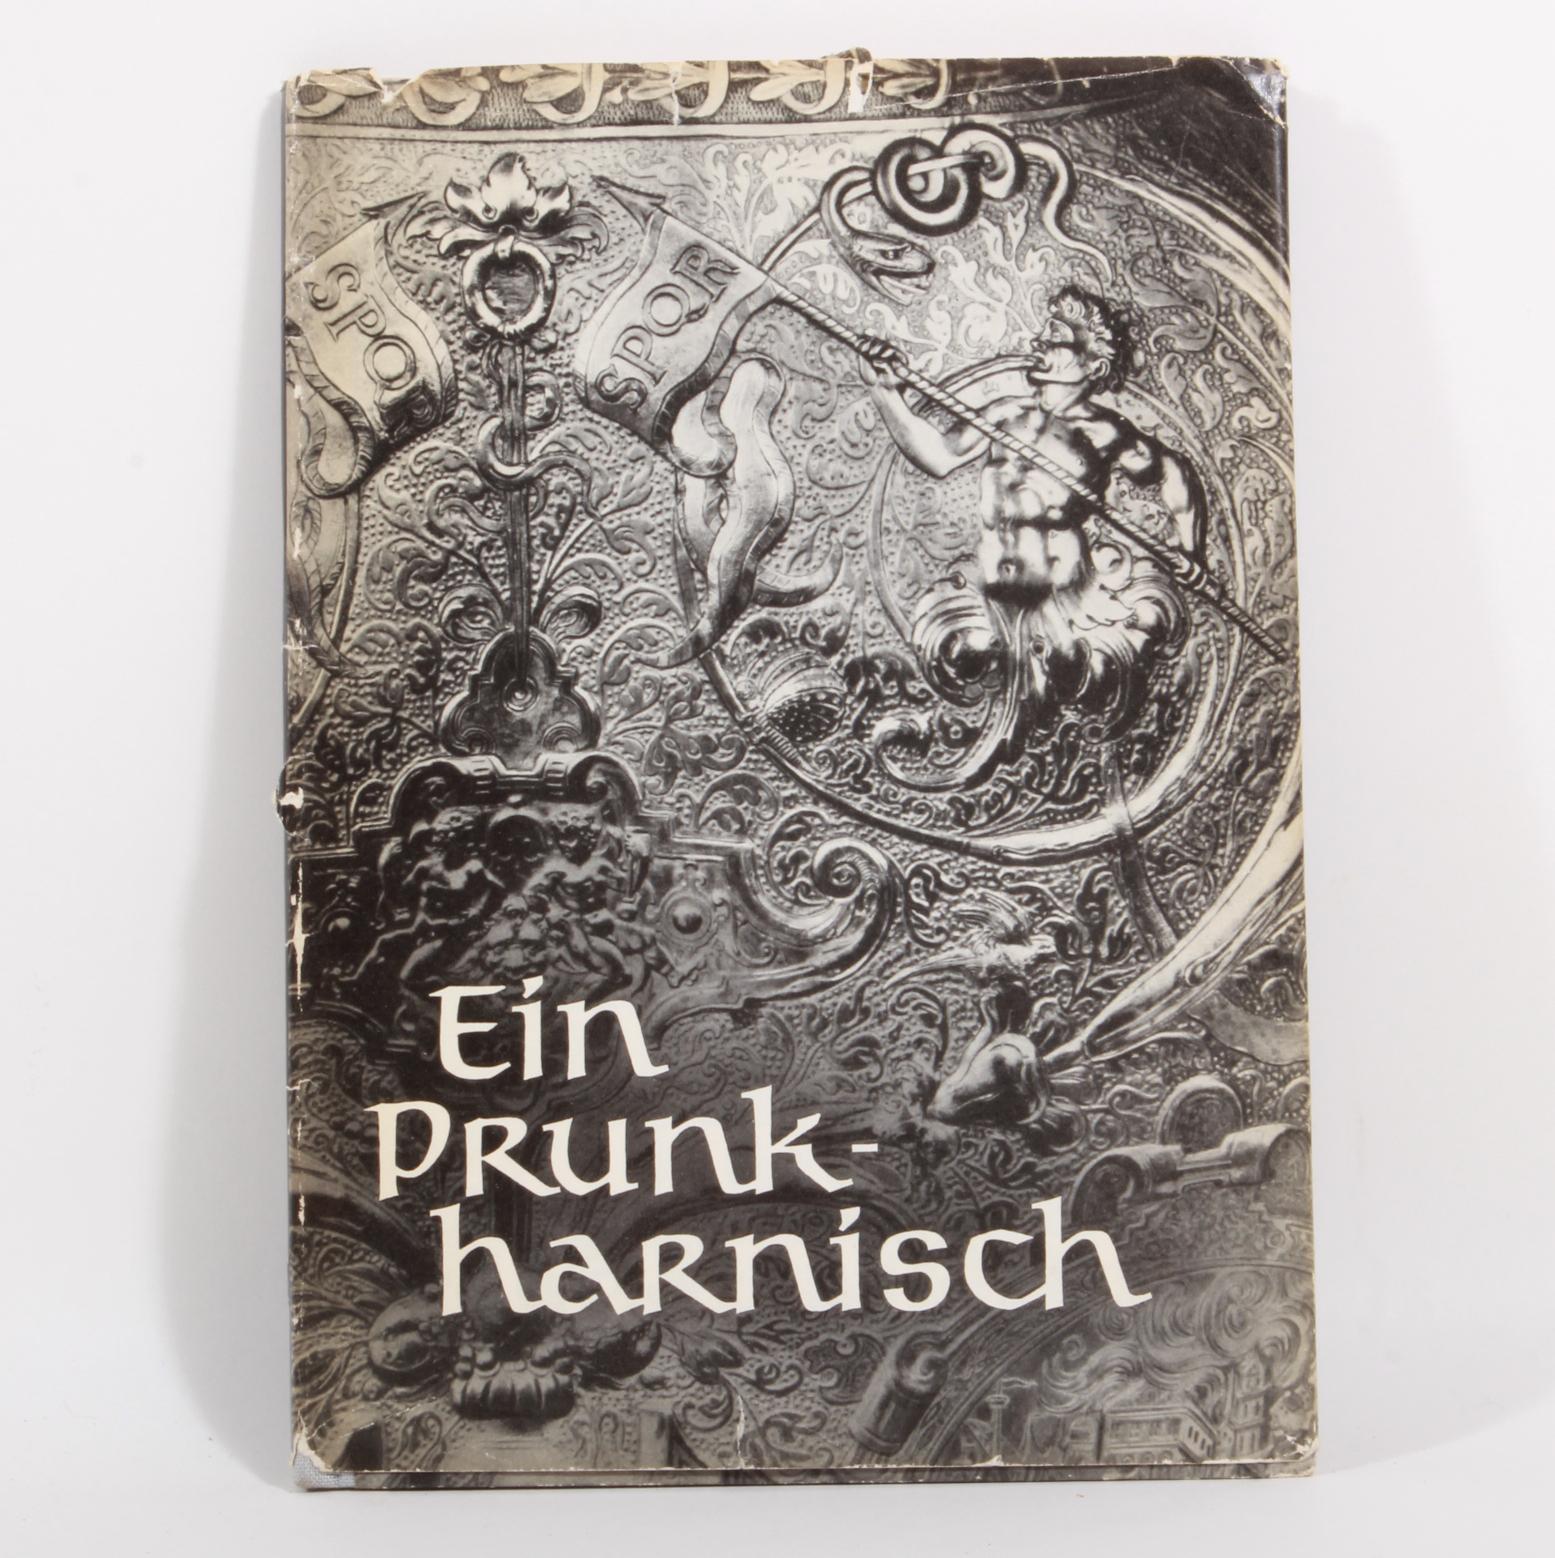 Ein Prunkharnisch